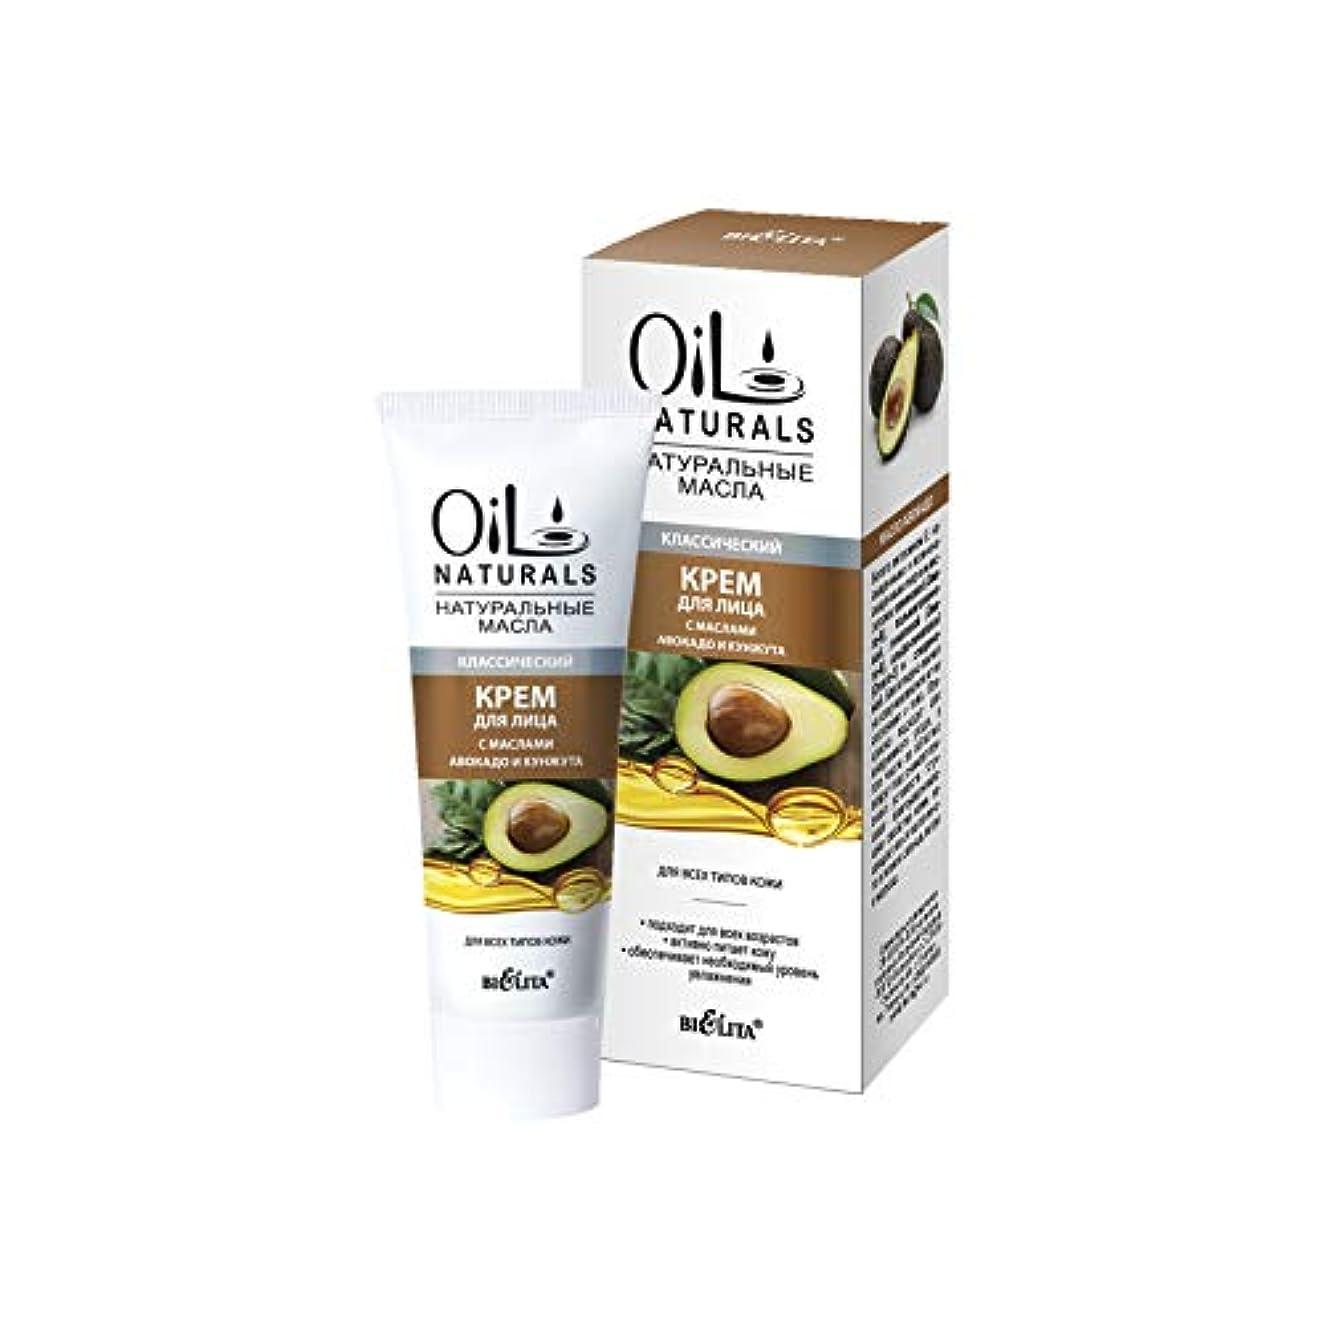 愛撫遵守するフォアマンBielita & Vitex |Oil Naturals Line | Classic Moisturizing Face Cream, for All Skin Types, 50 ml | Avocado Oil,...